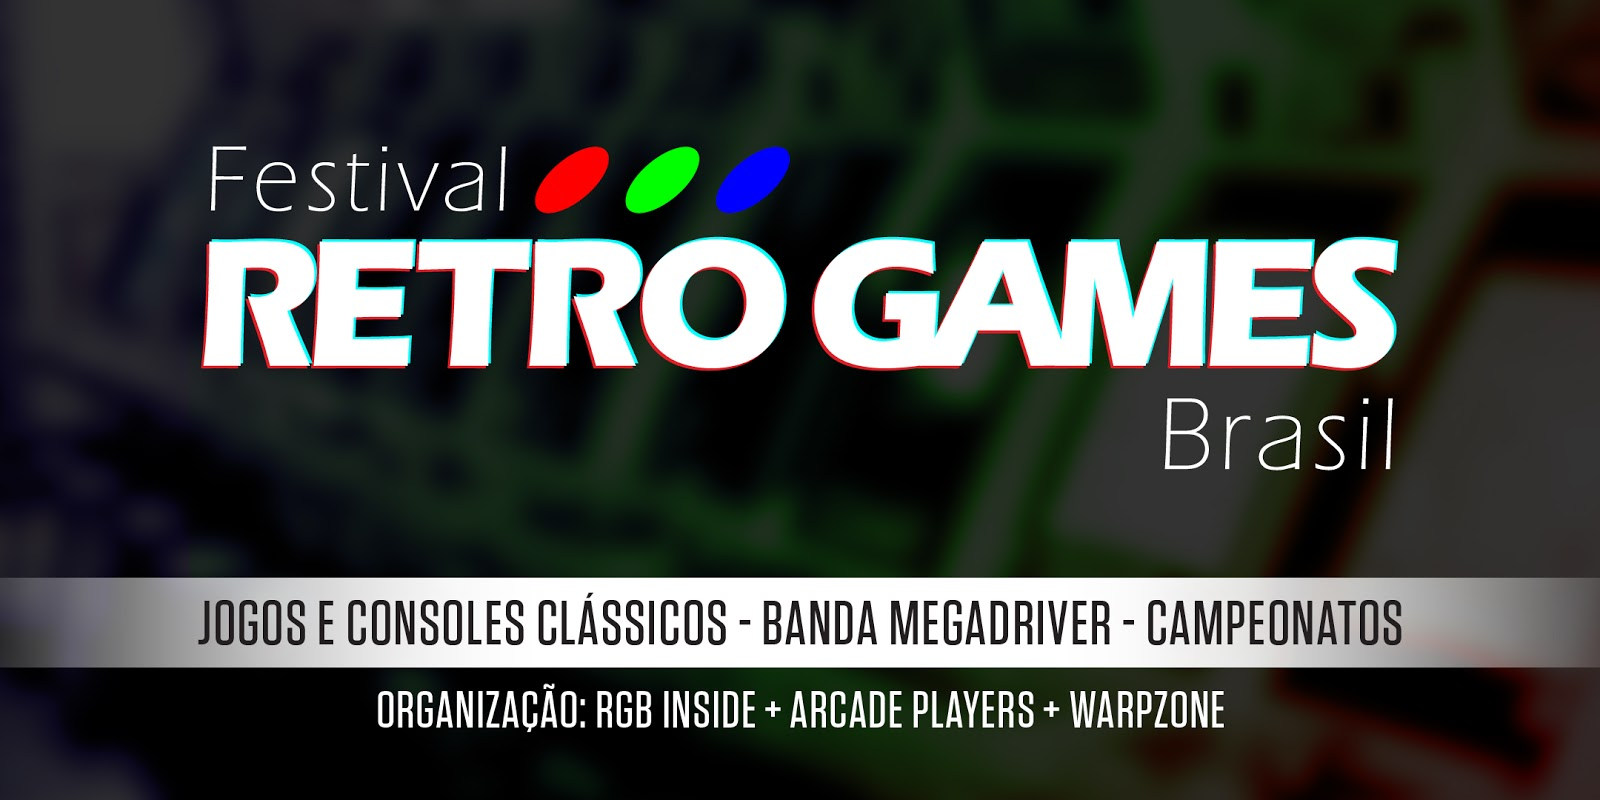 Festival Retro Games Brasil